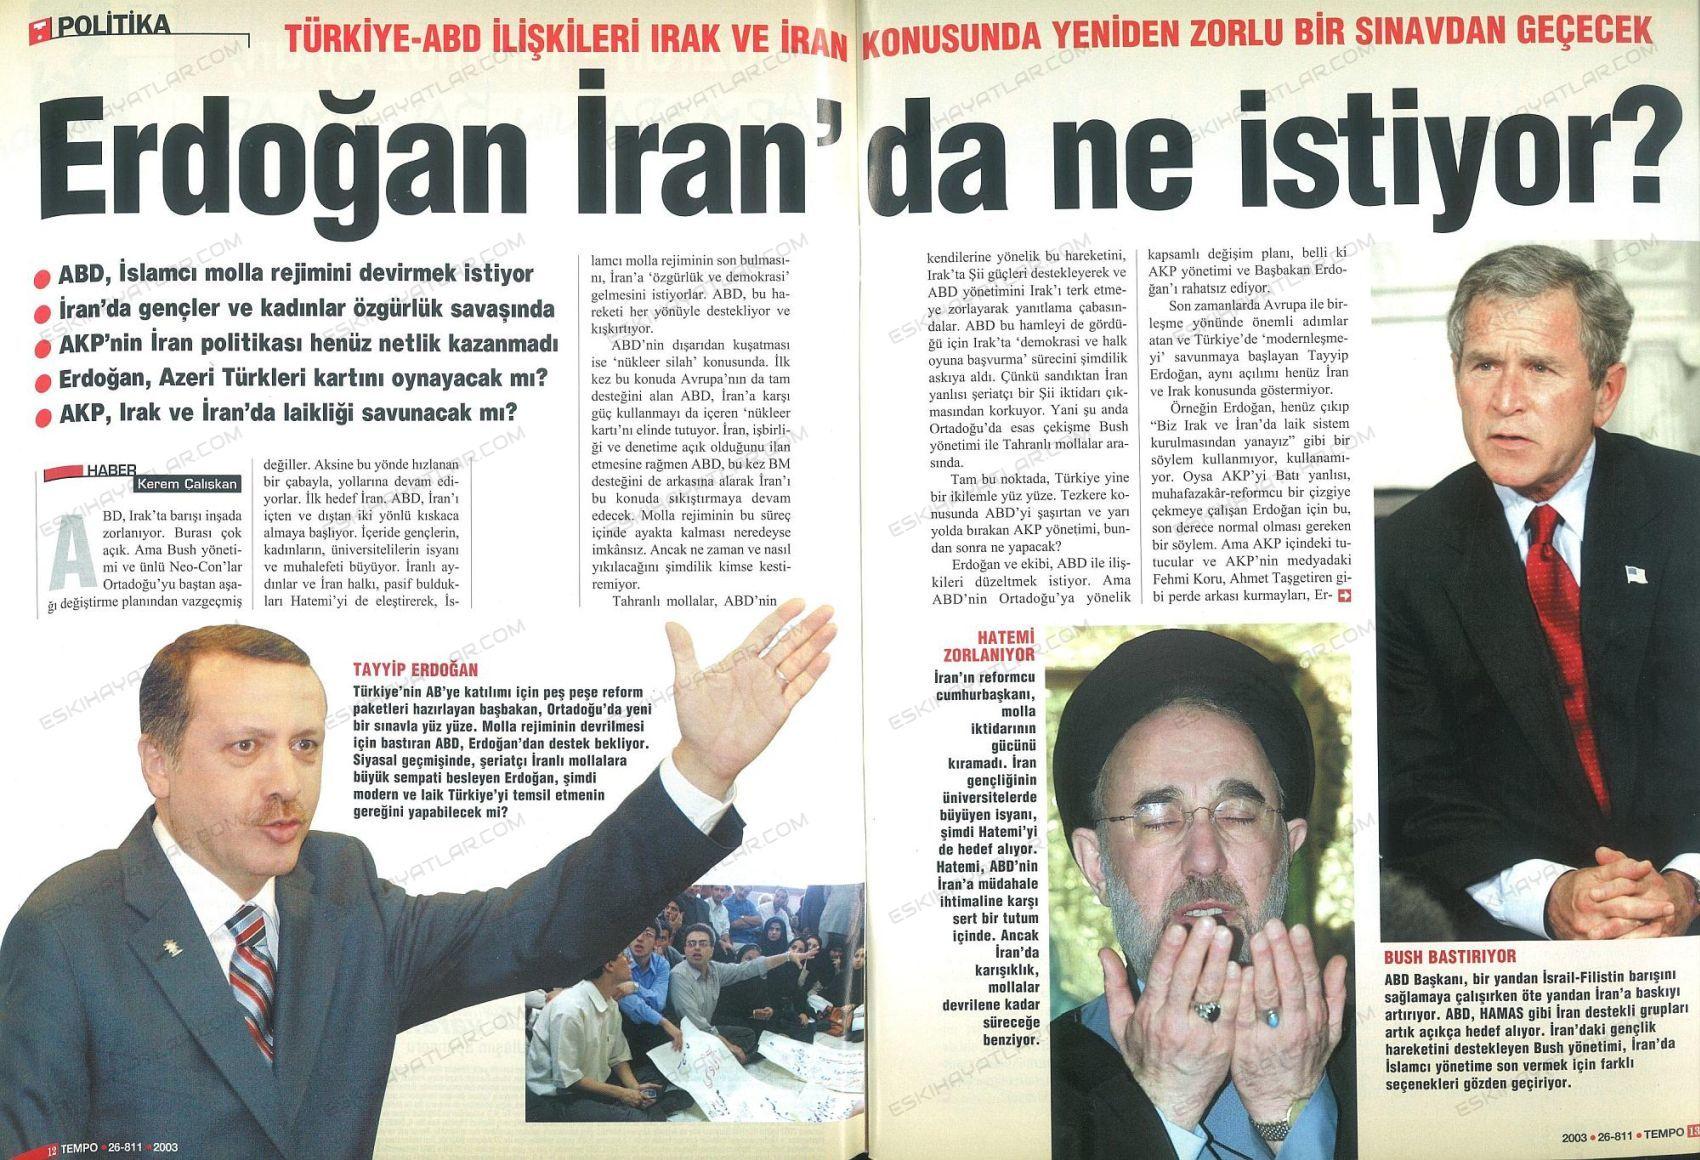 0274-tayyip-erdogan-2004-tempo-dergisi-iran-ile-iliskilerimiz